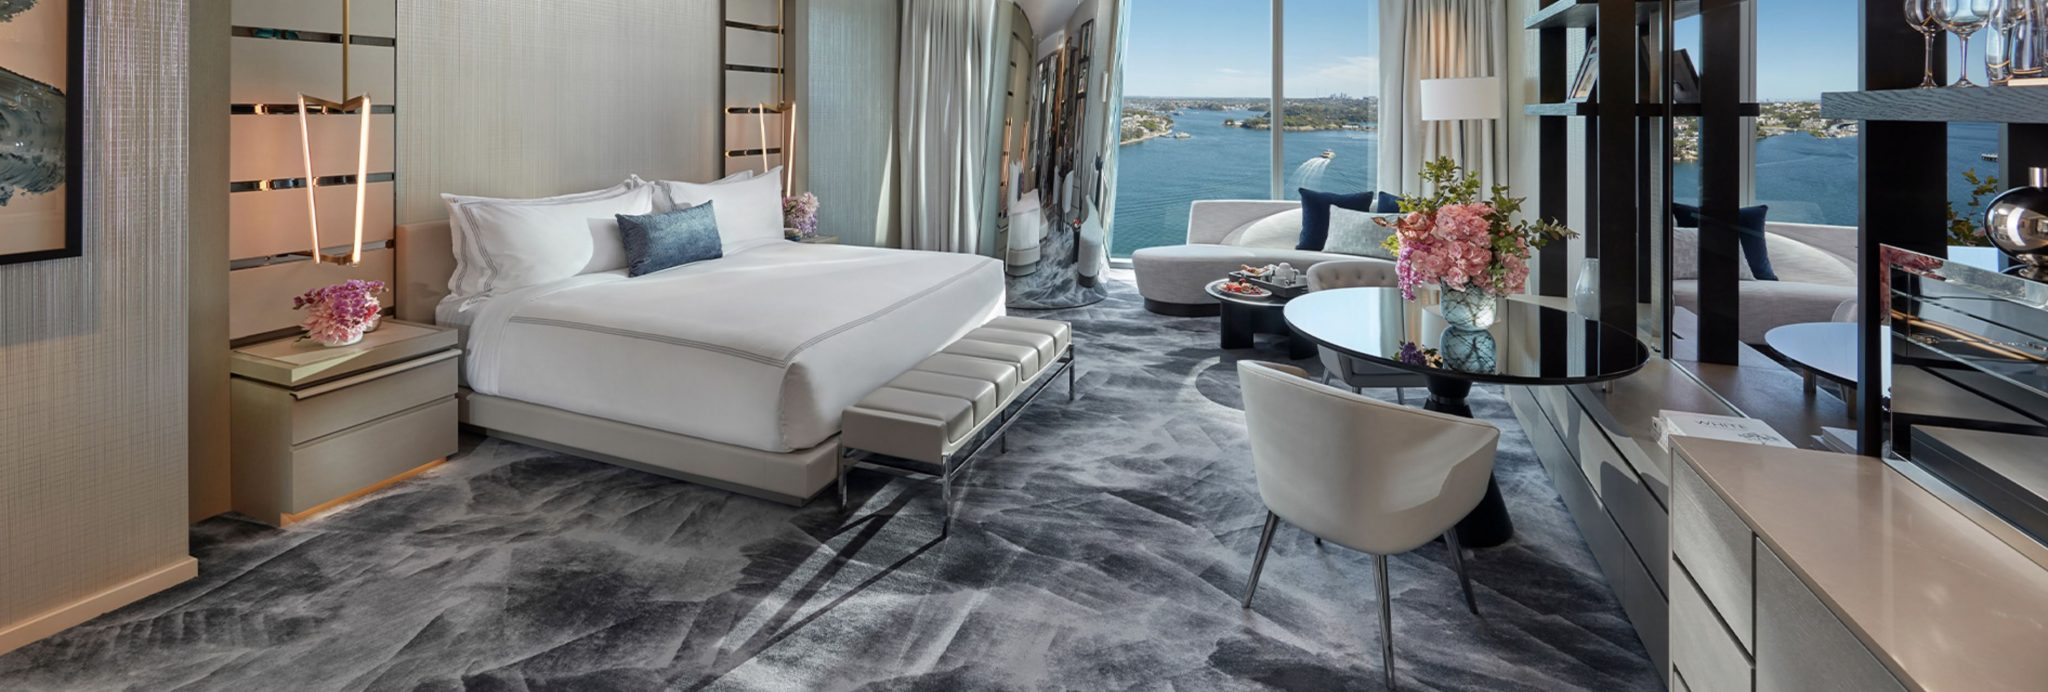 Crown Hotels Bedroom Suite